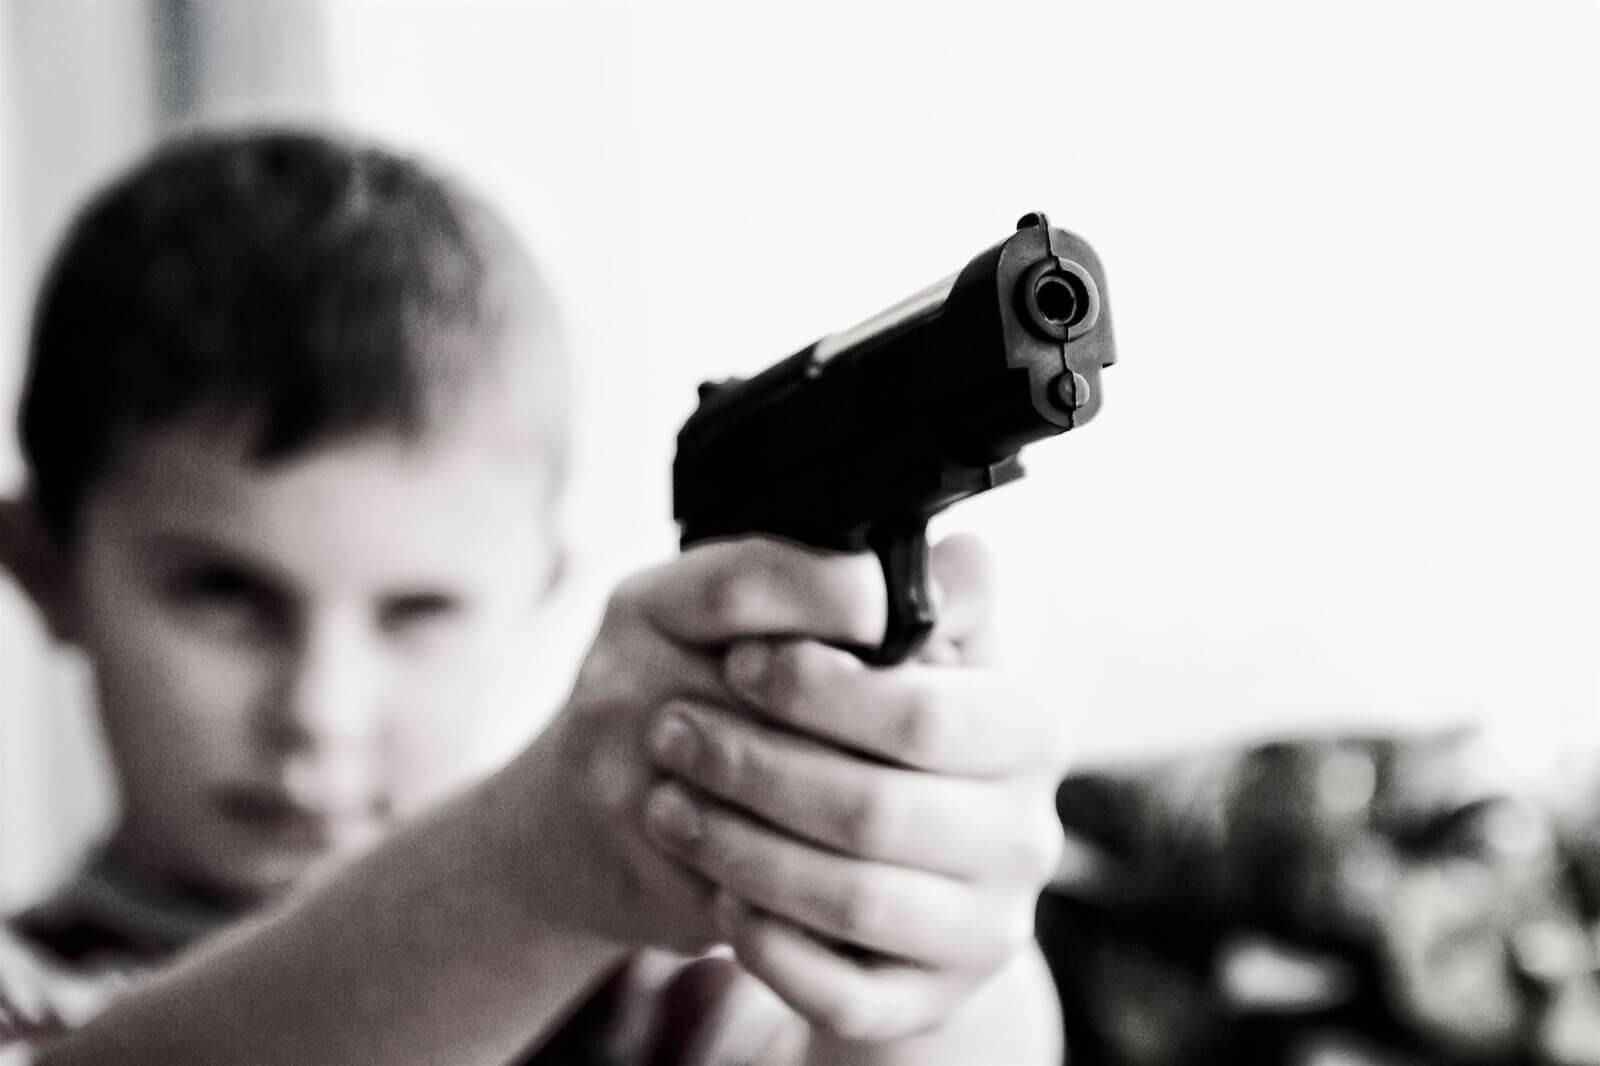 Criança a apontar uma pistola.